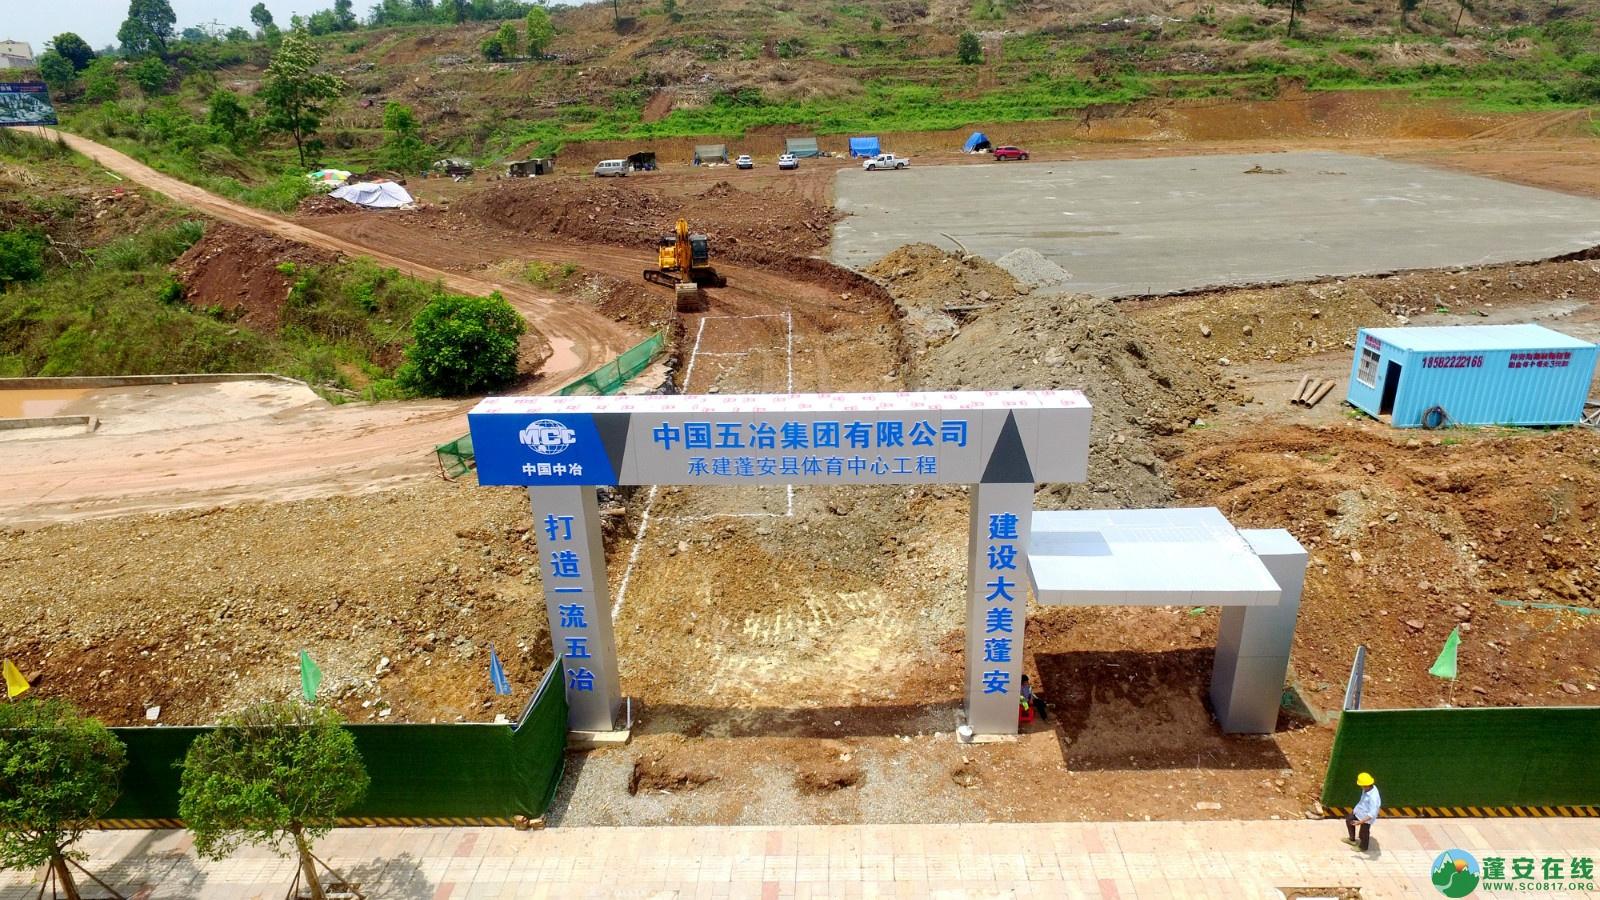 蓬安体育中心进展(2020.05.14) - 第1张  | 蓬安在线